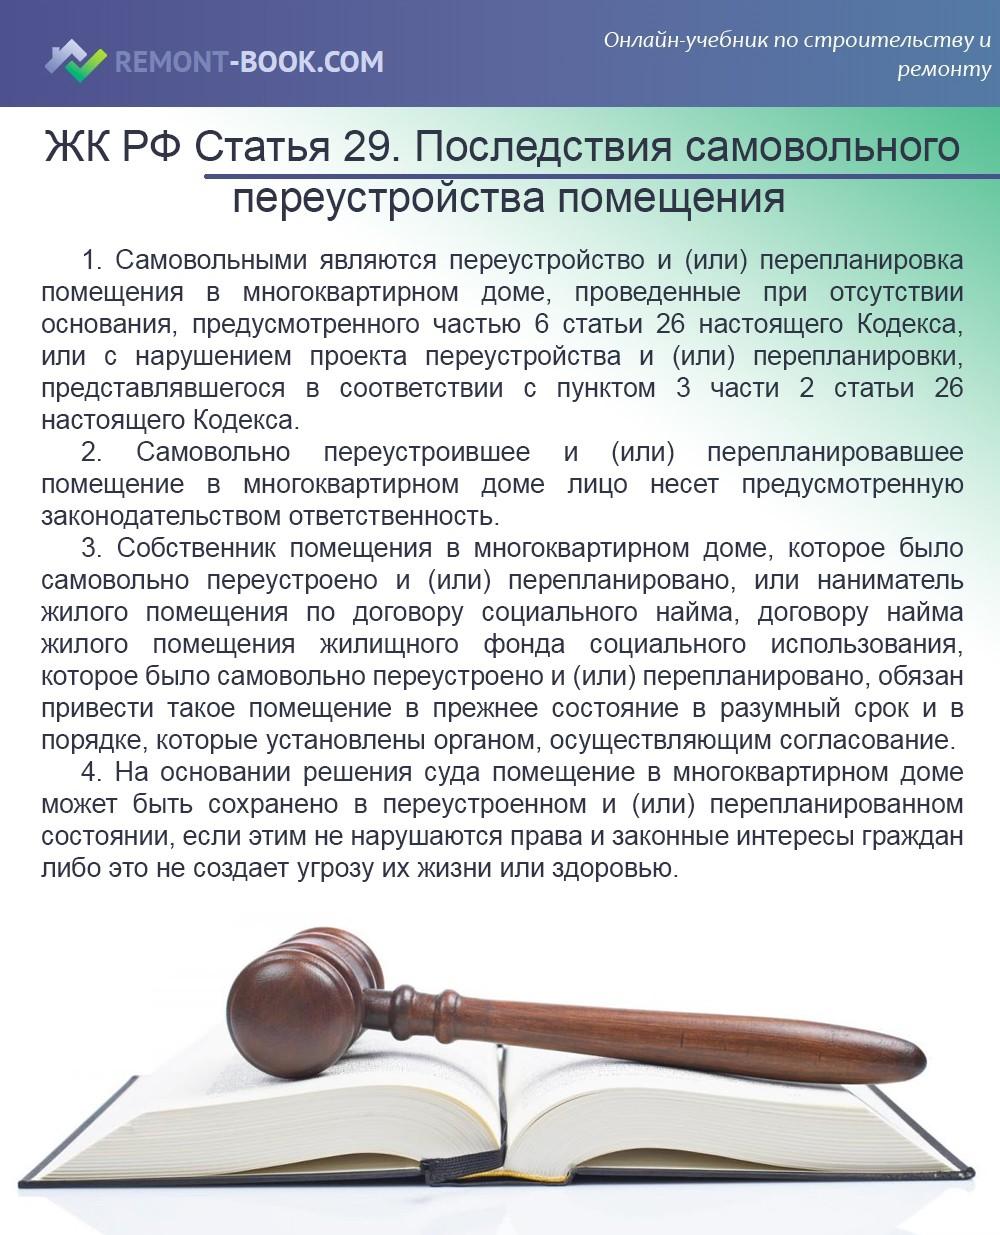 ЖК РФ Статья 29. Последствия самовольного переустройства и (или) самовольной перепланировки помещения в многоквартирном доме